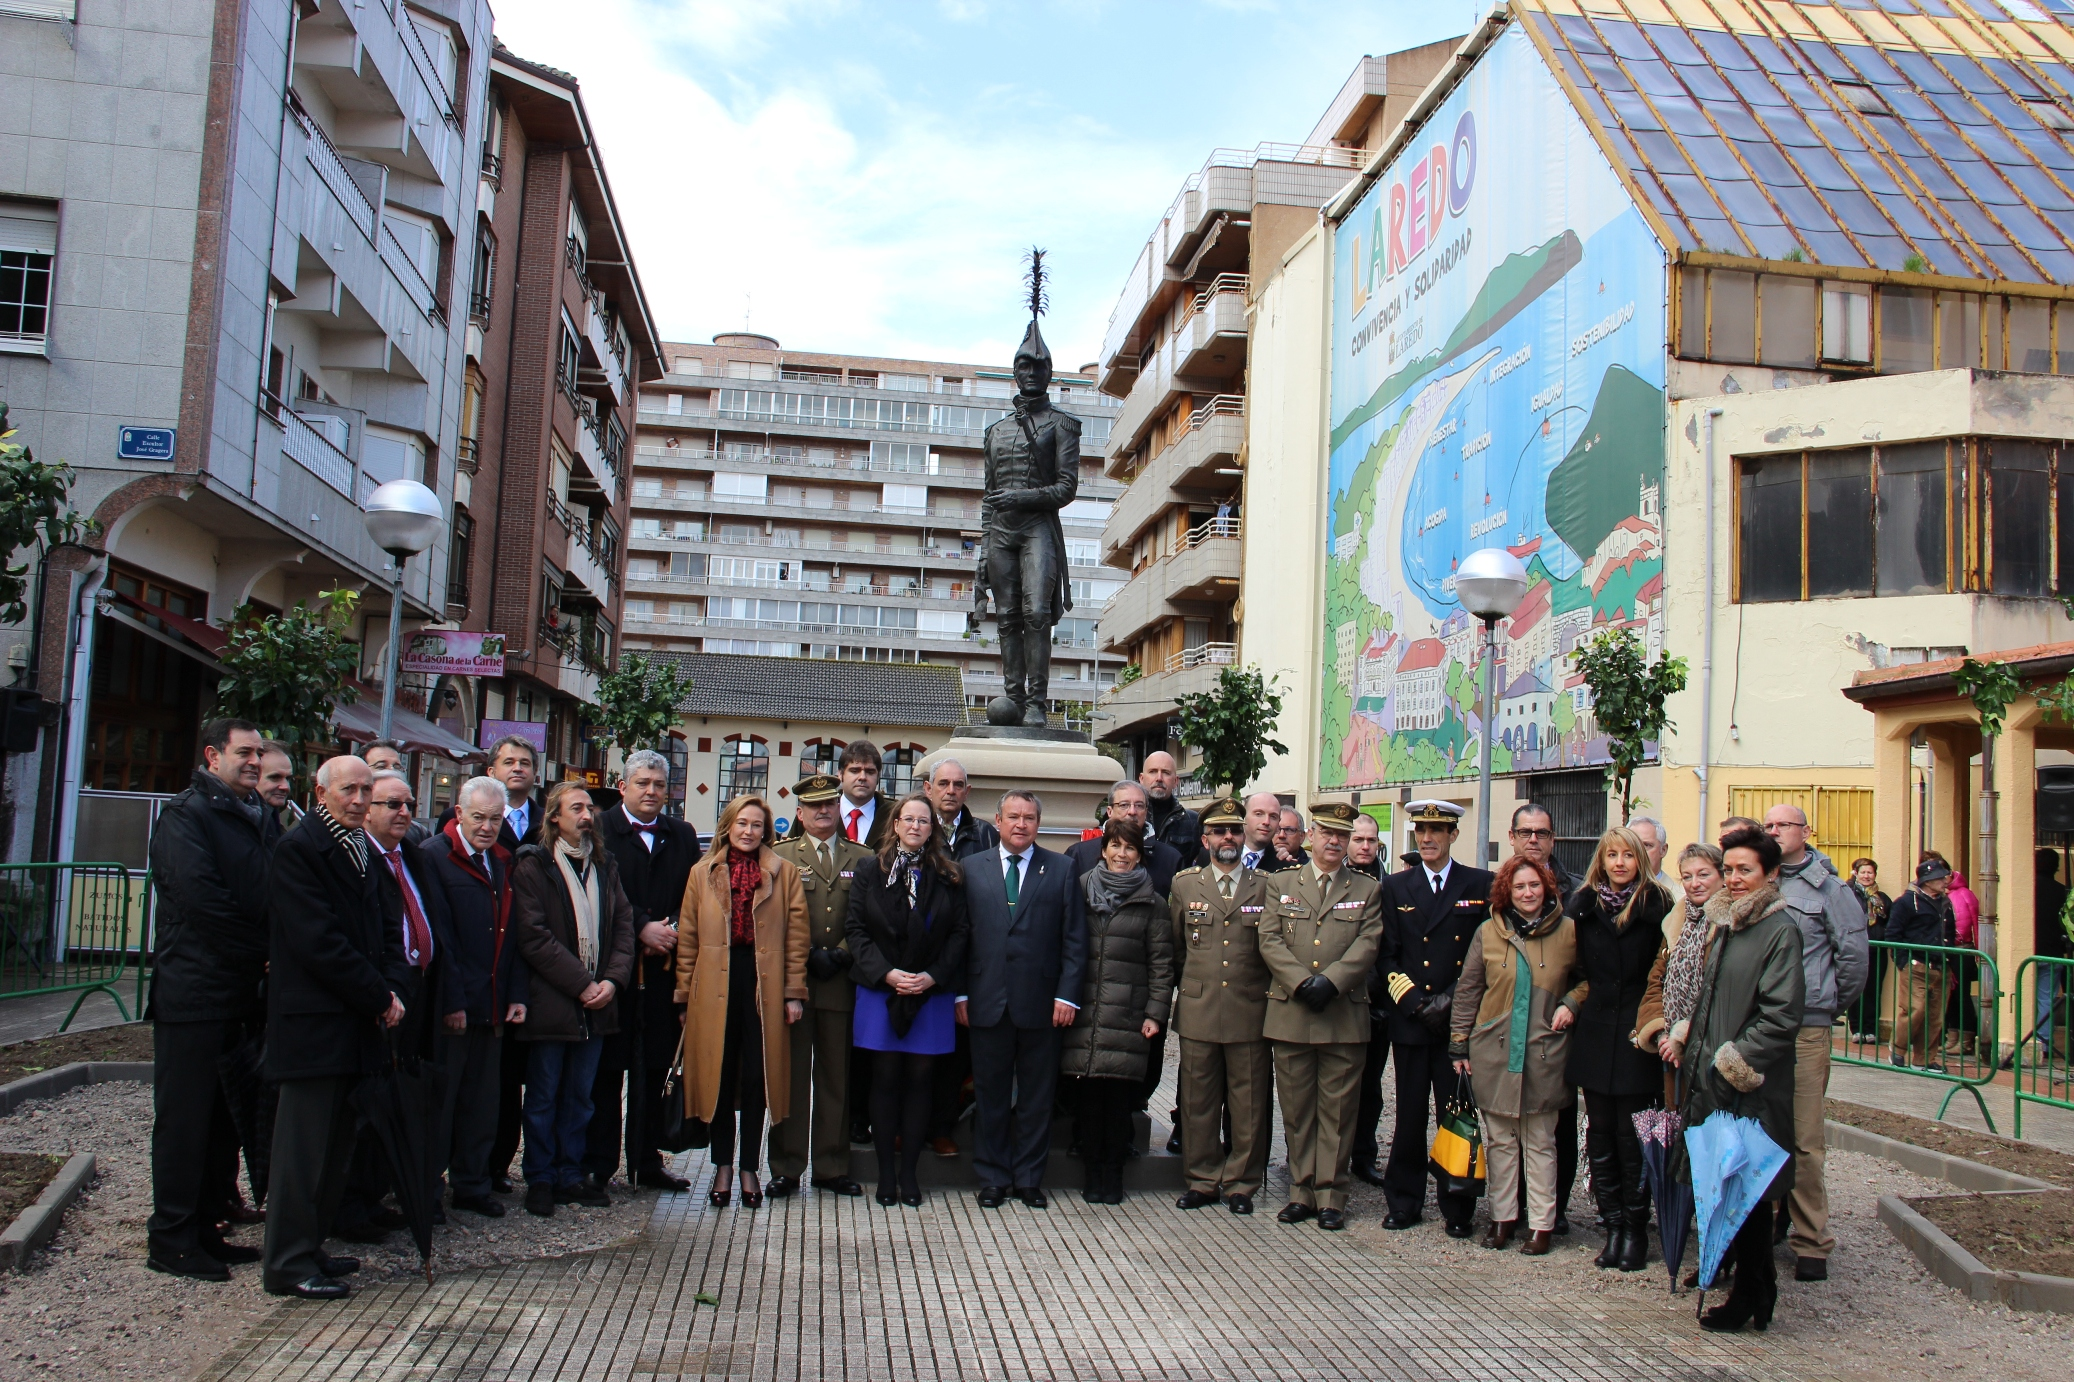 Club nocturno Virgen aficionado cerca de Tarragona